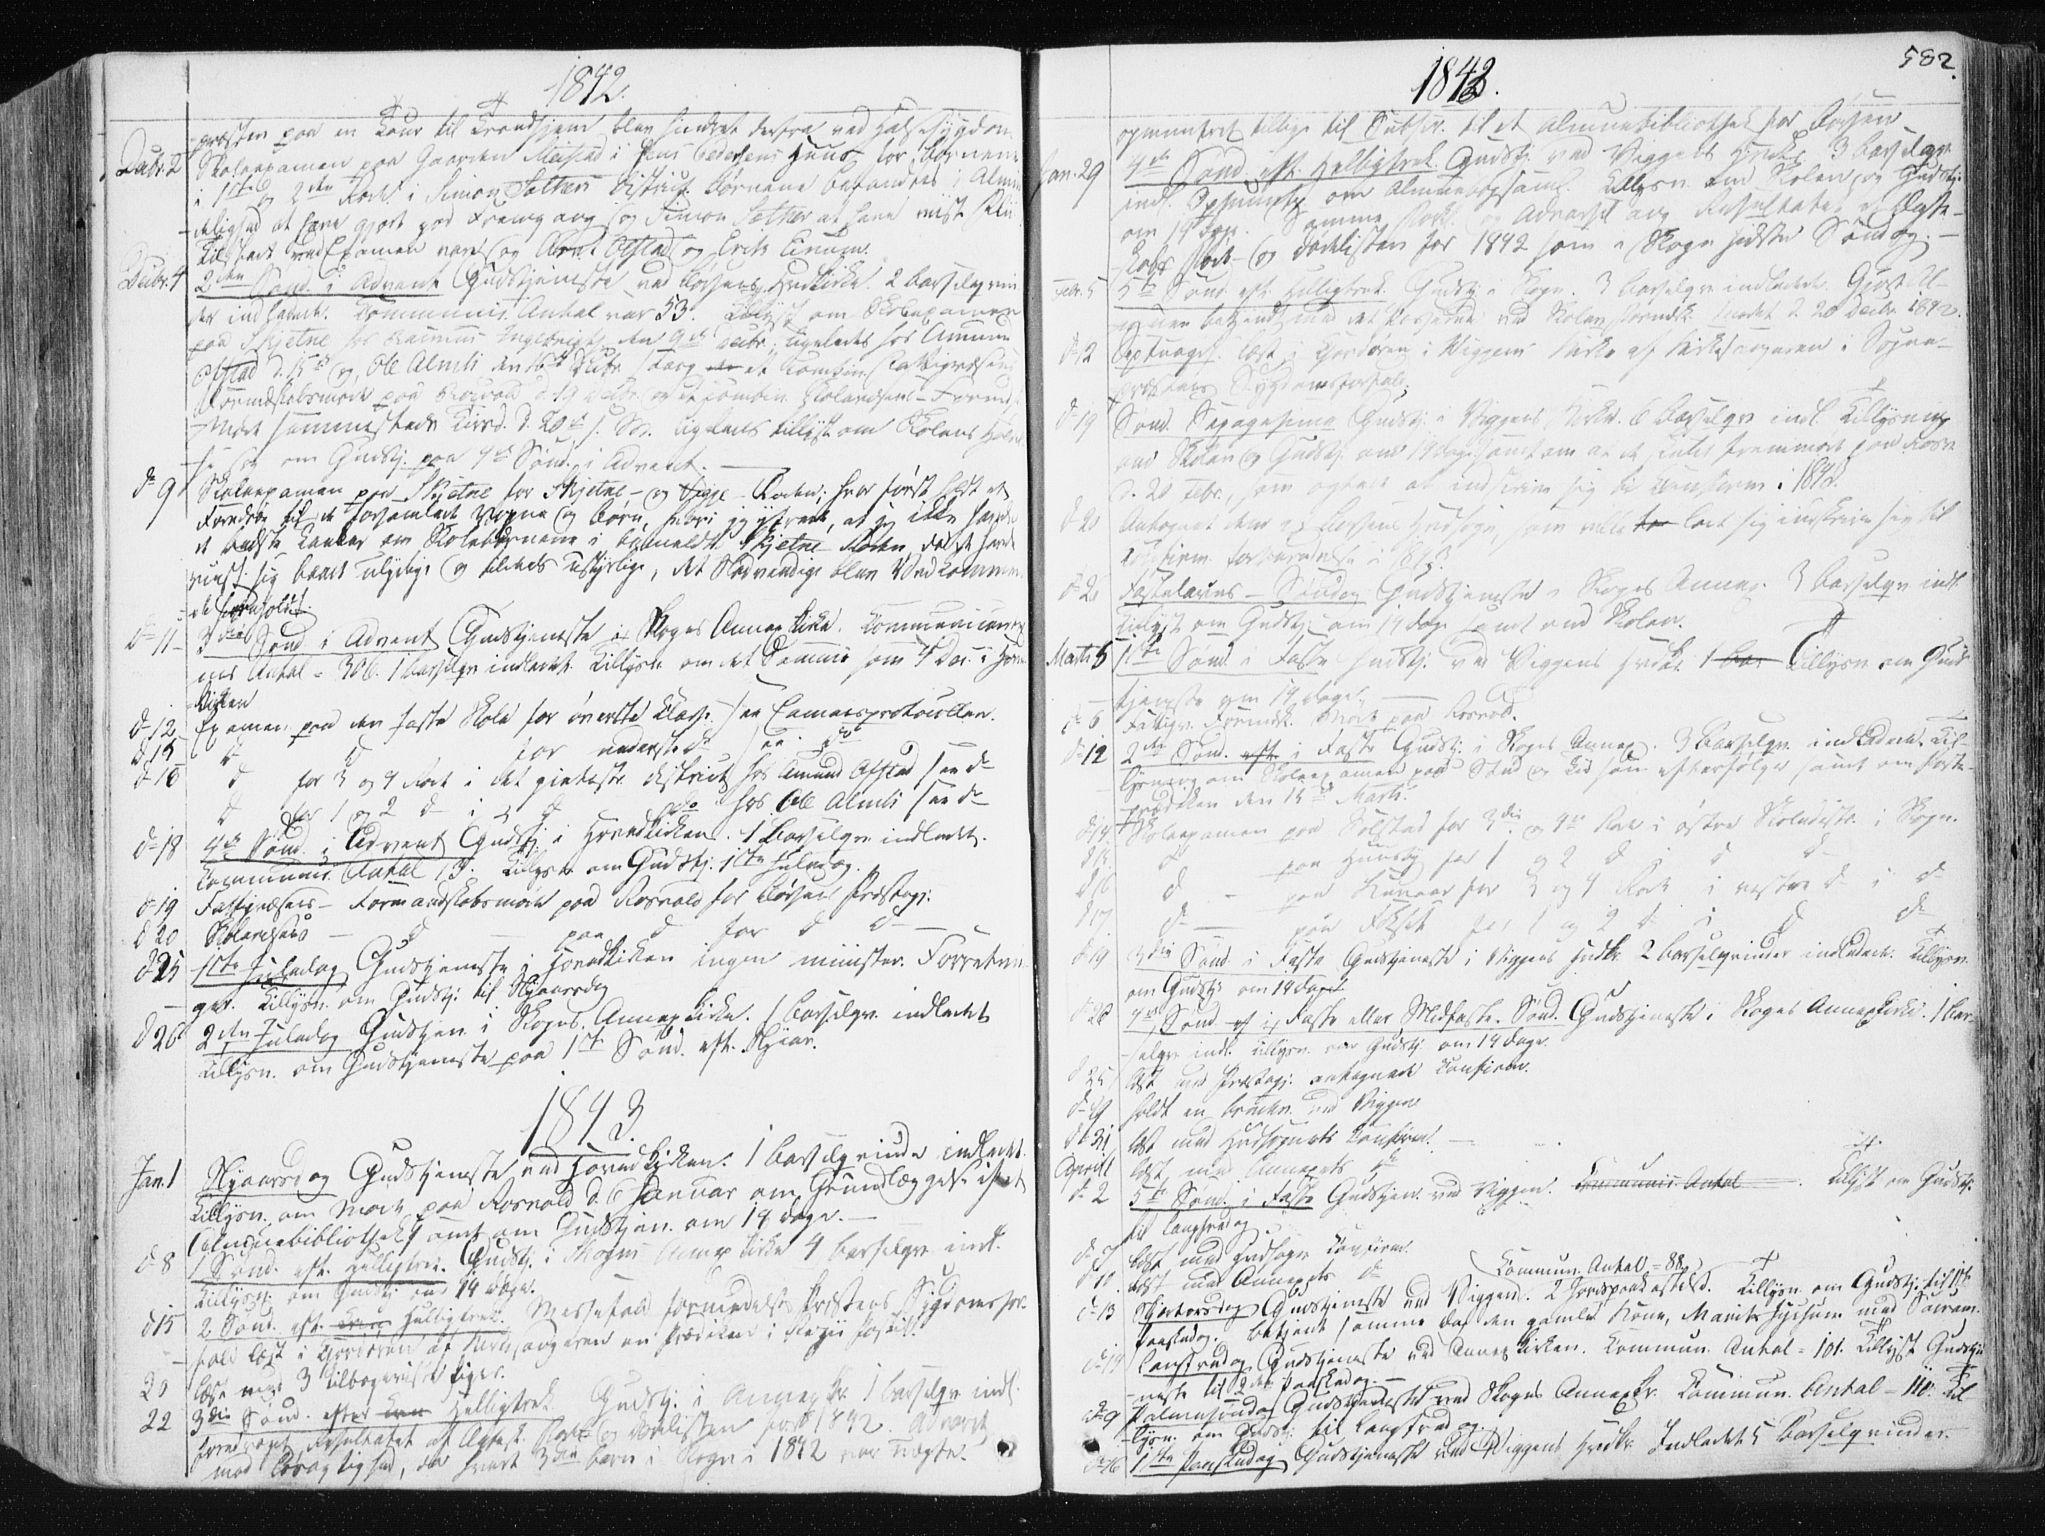 SAT, Ministerialprotokoller, klokkerbøker og fødselsregistre - Sør-Trøndelag, 665/L0771: Ministerialbok nr. 665A06, 1830-1856, s. 582